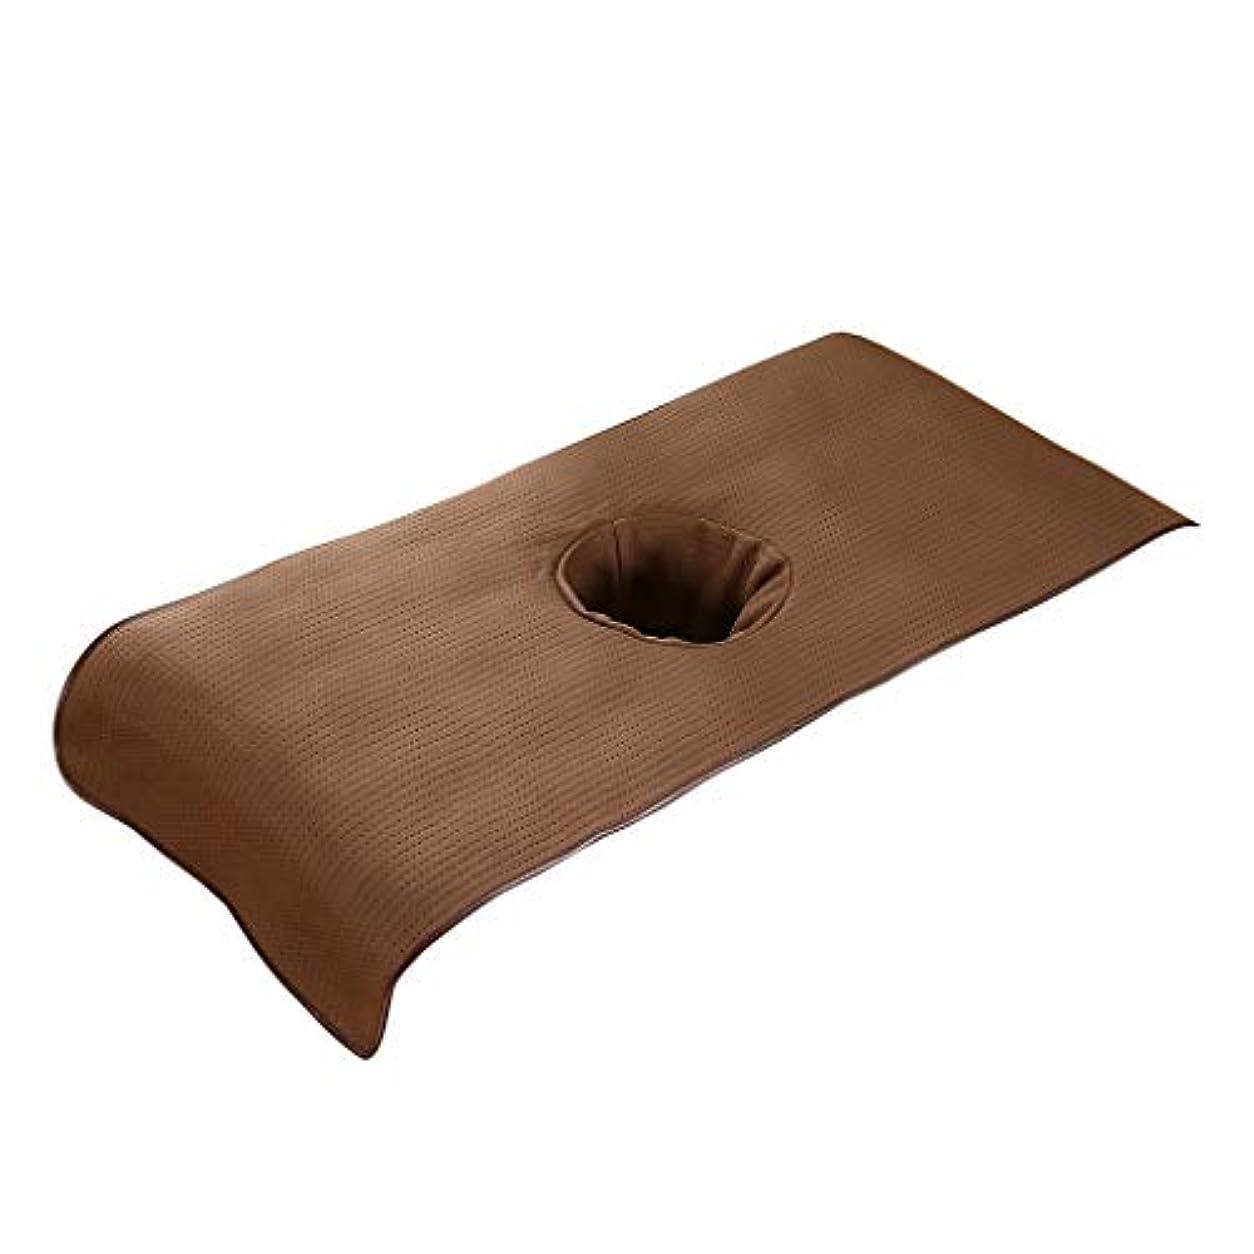 将来のプランテーションサイクロプスKESOTO スパ マッサージベッドカバー 有孔 美容ベッドカバー マッサージテーブルスカート 快適 通気性 - 褐色